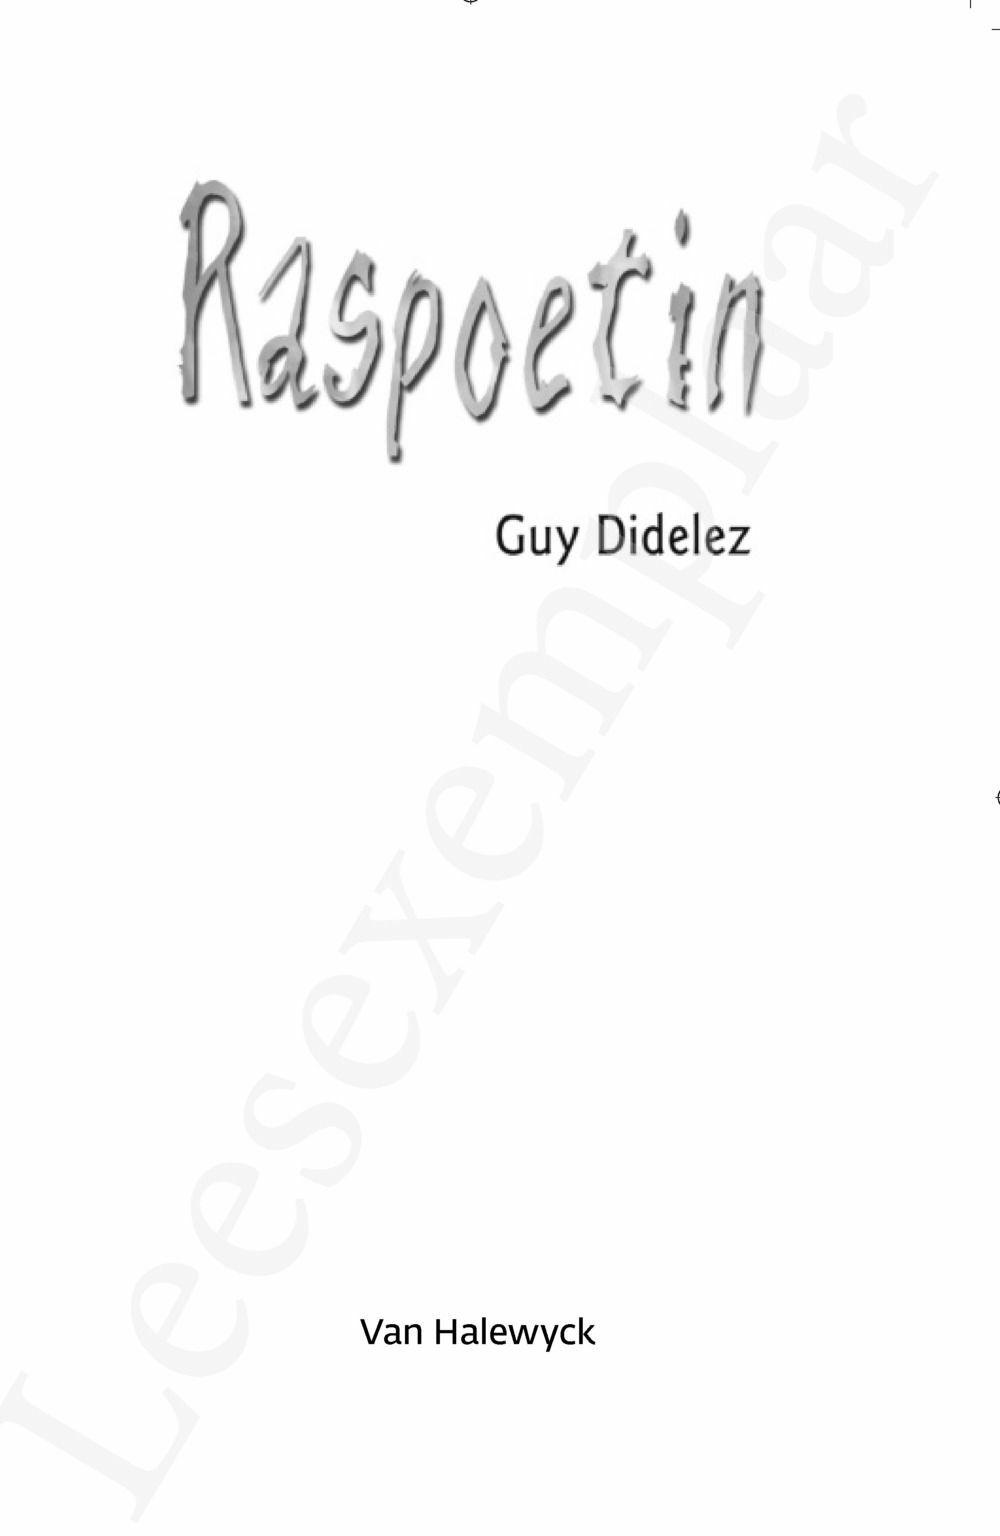 Preview: Raspoetin/Raspoetin duikt weer op